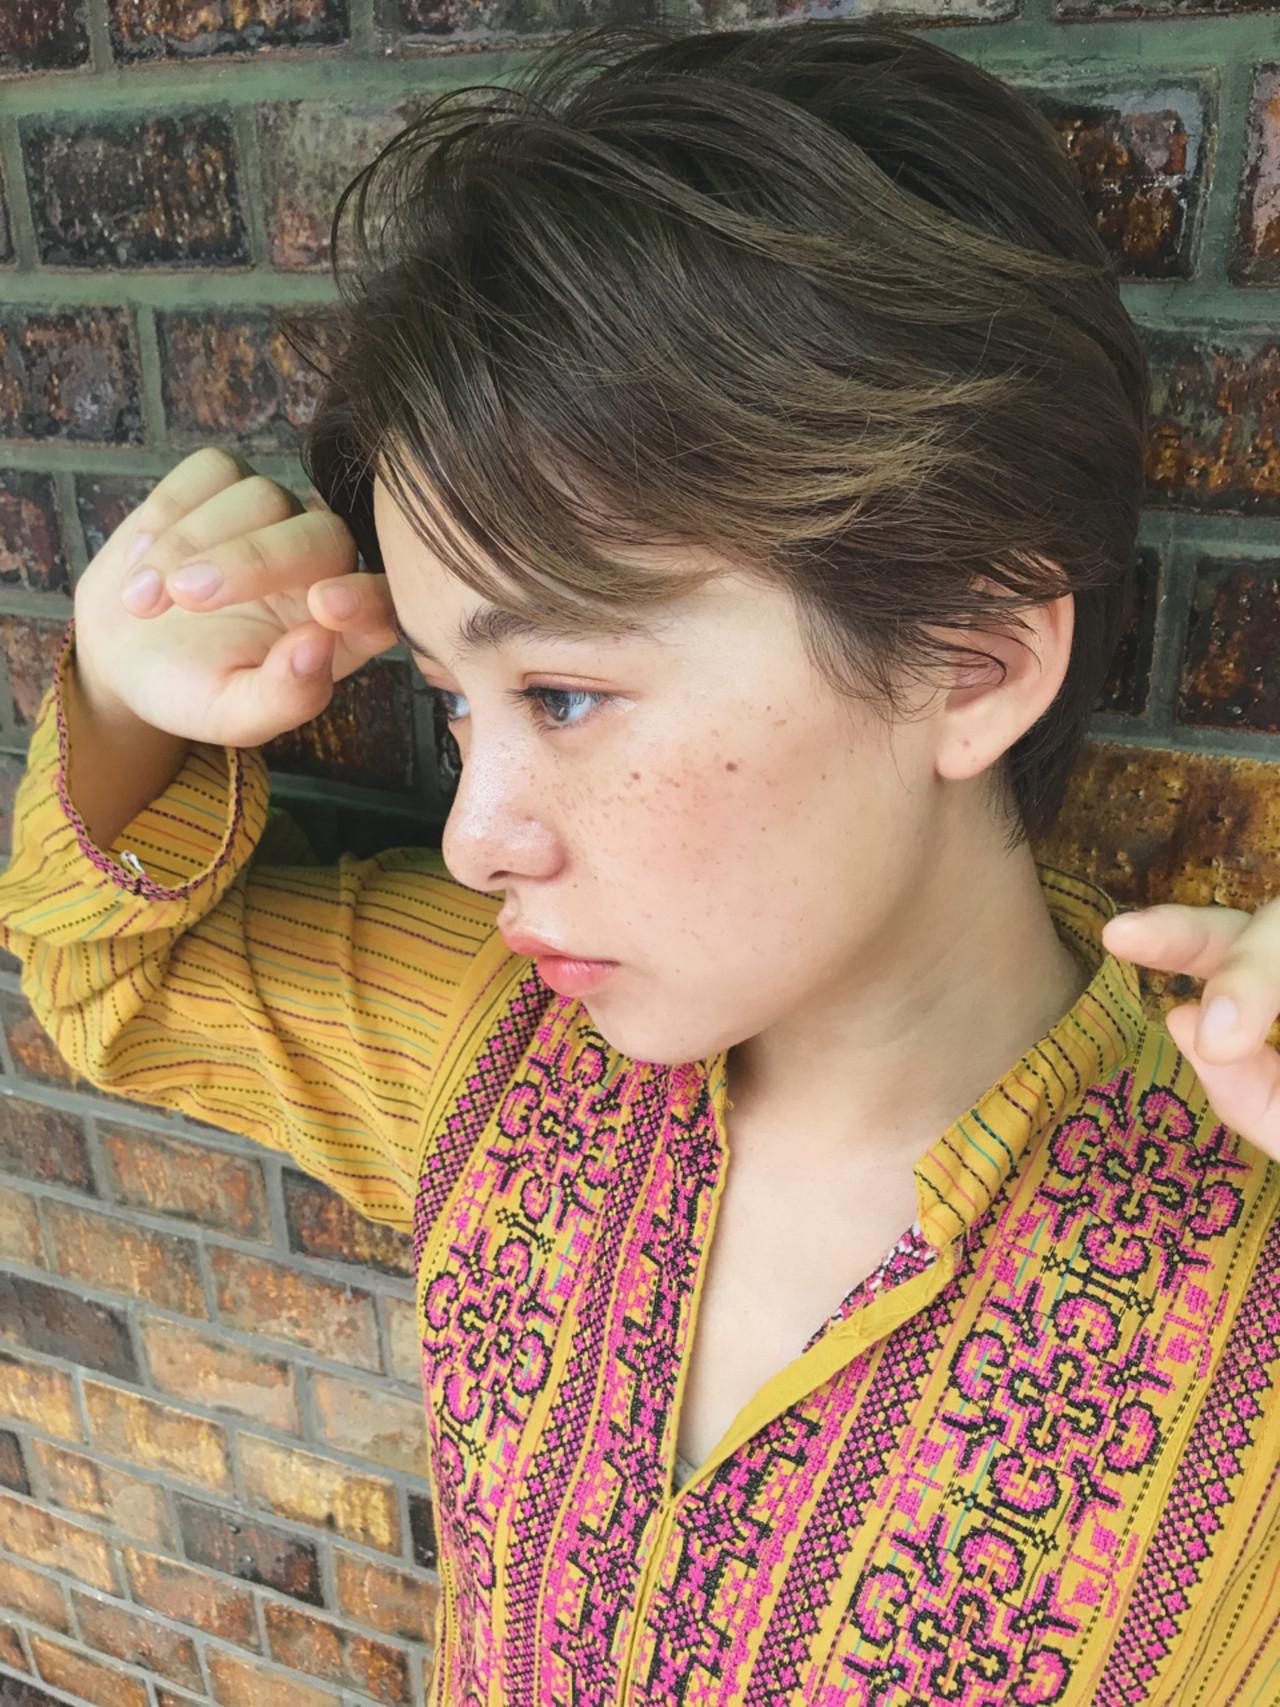 前髪なしの垢抜けベリーショートヘア 小西敬二郎